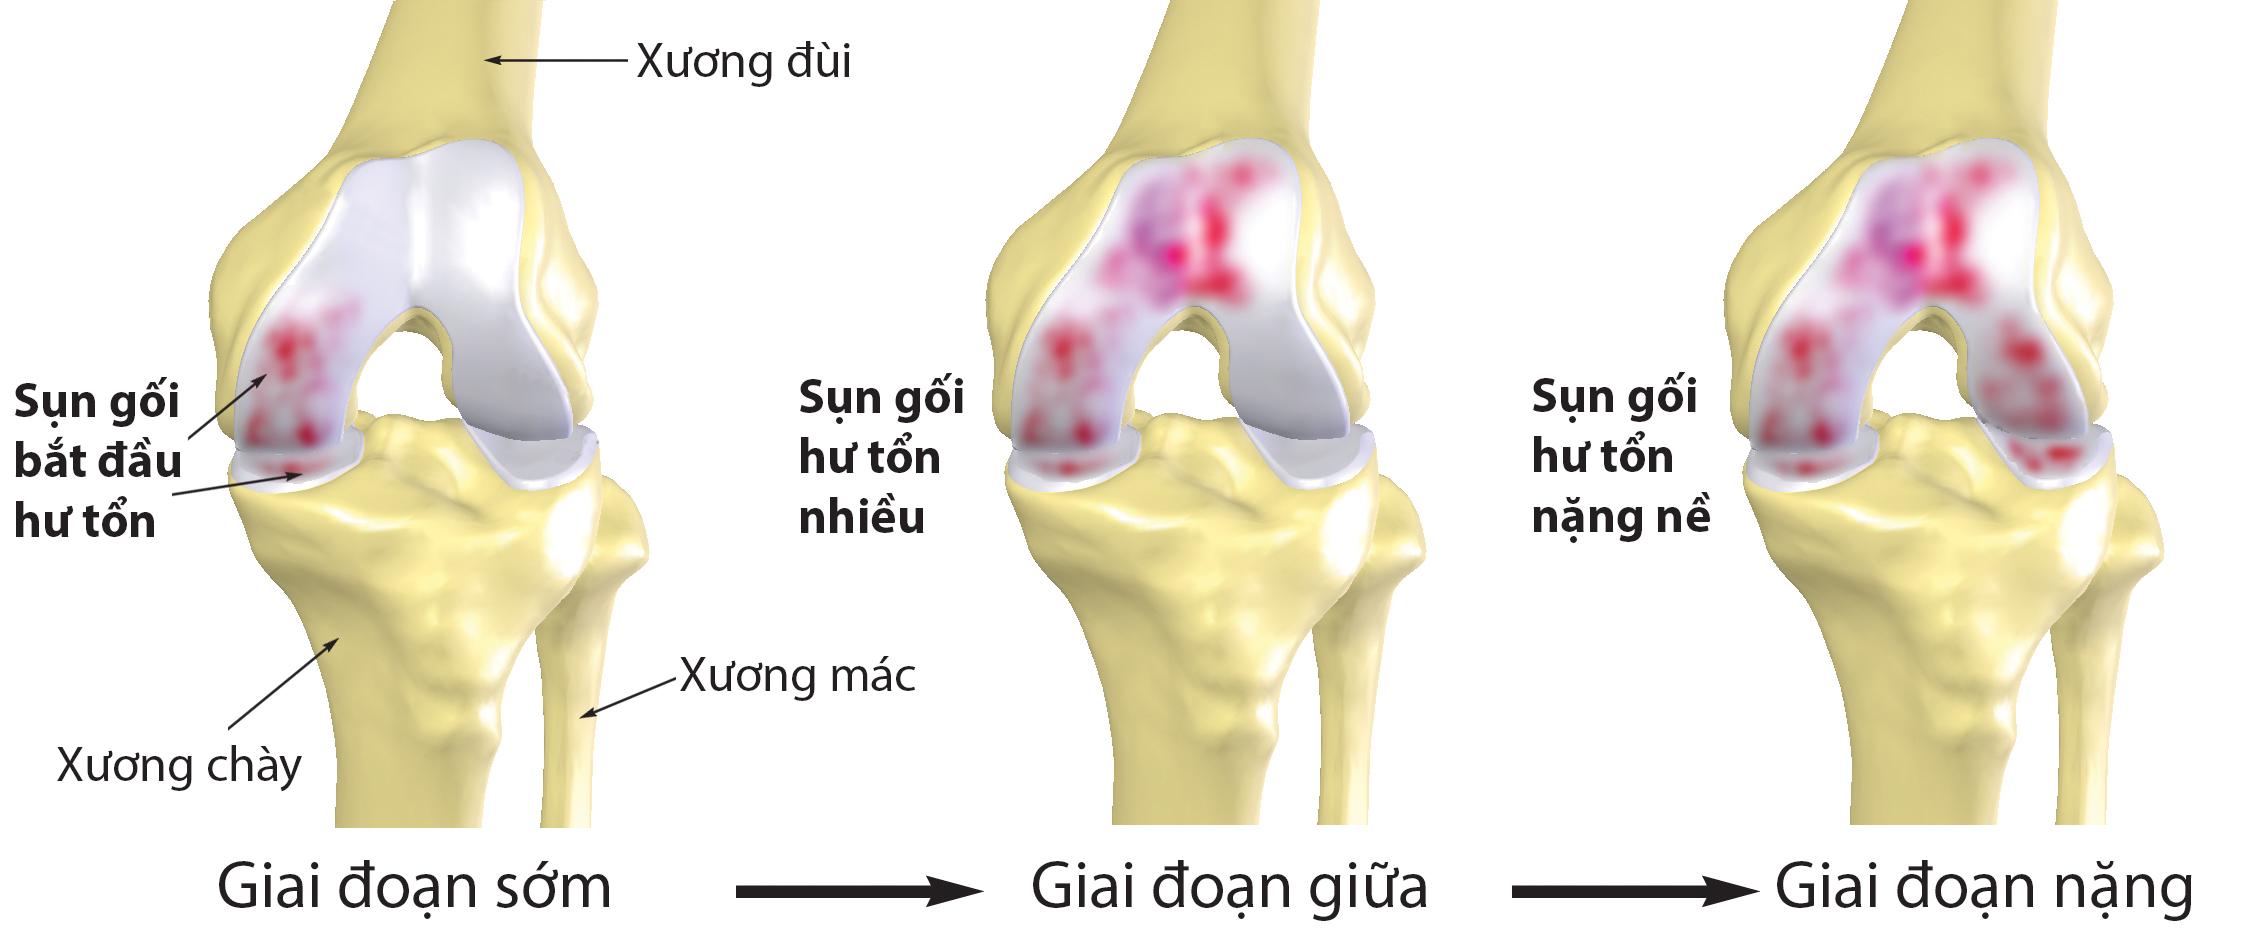 Bệnh thoái hóa xương sụn cột sống ở trẻ em